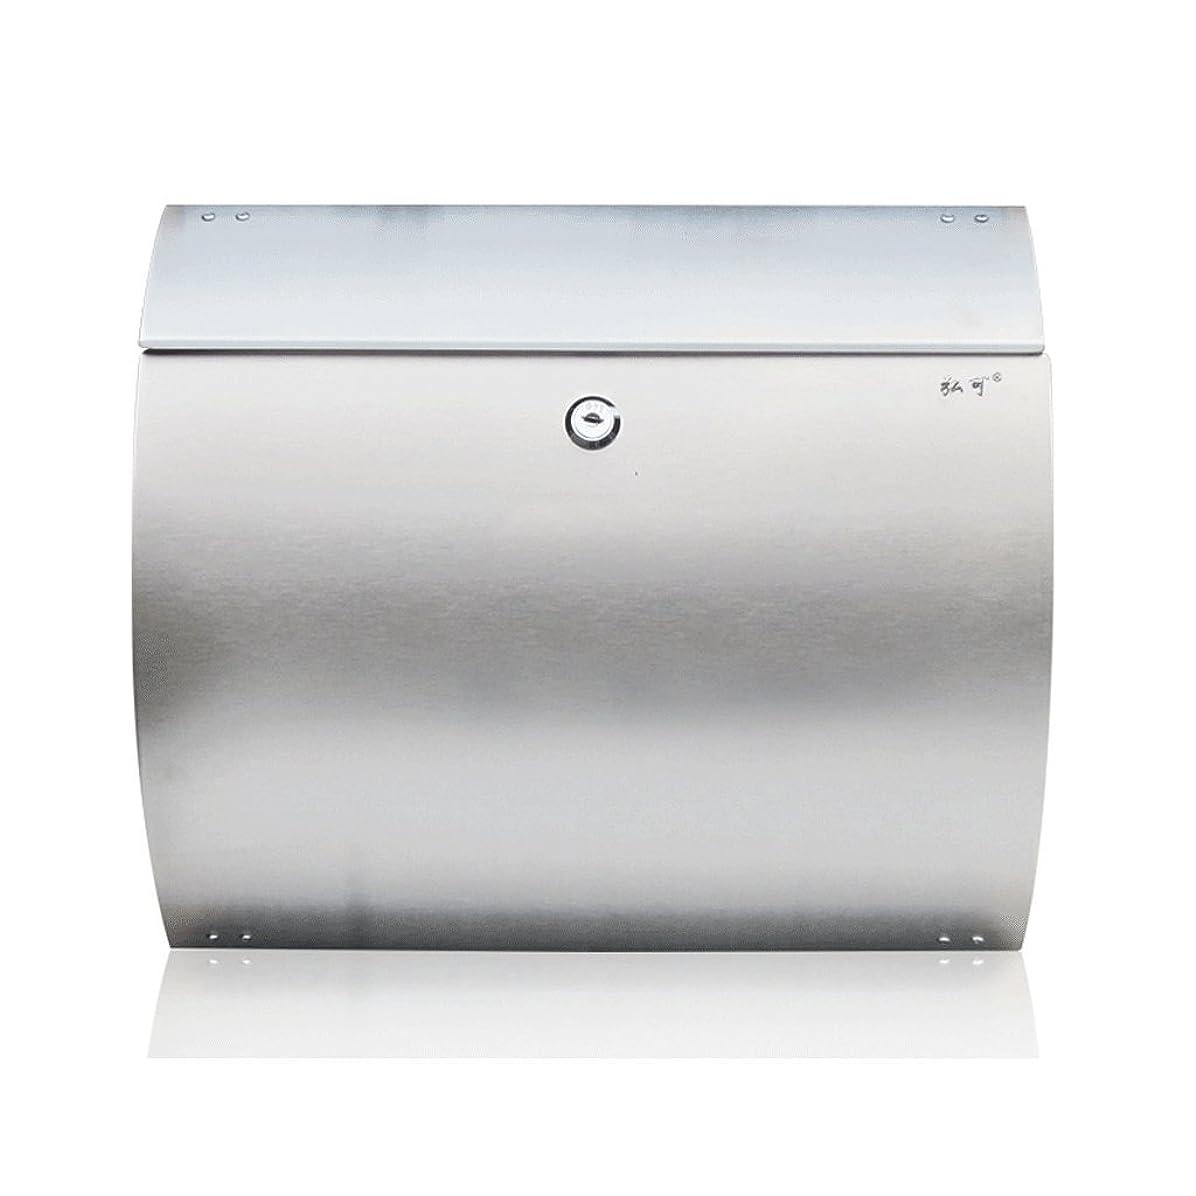 しばしば佐賀意識的TLMY ステンレス鋼のレターボックス屋外ヨーロッパのヴィラレターボックスの壁掛けメールボックスレインメールボックス メールボックス